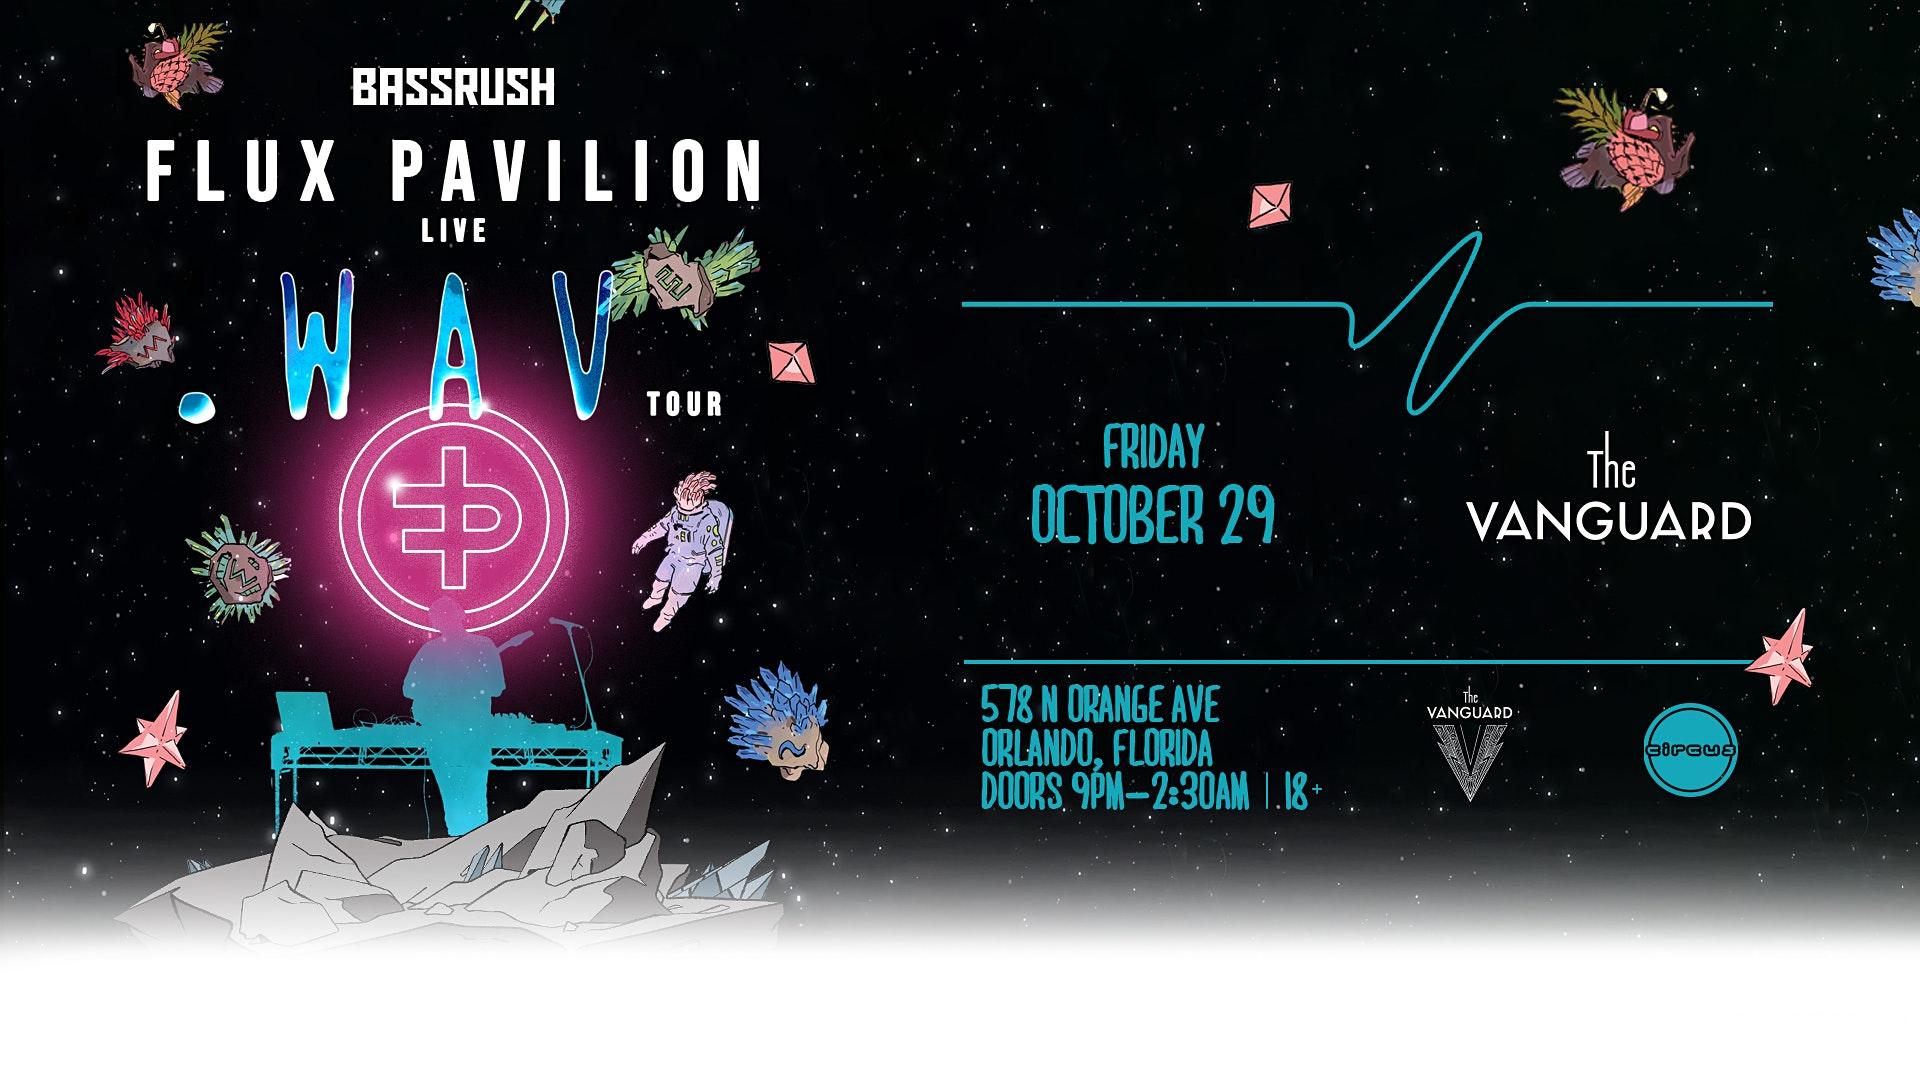 BASSRUSH Presents: Flux Pavilion